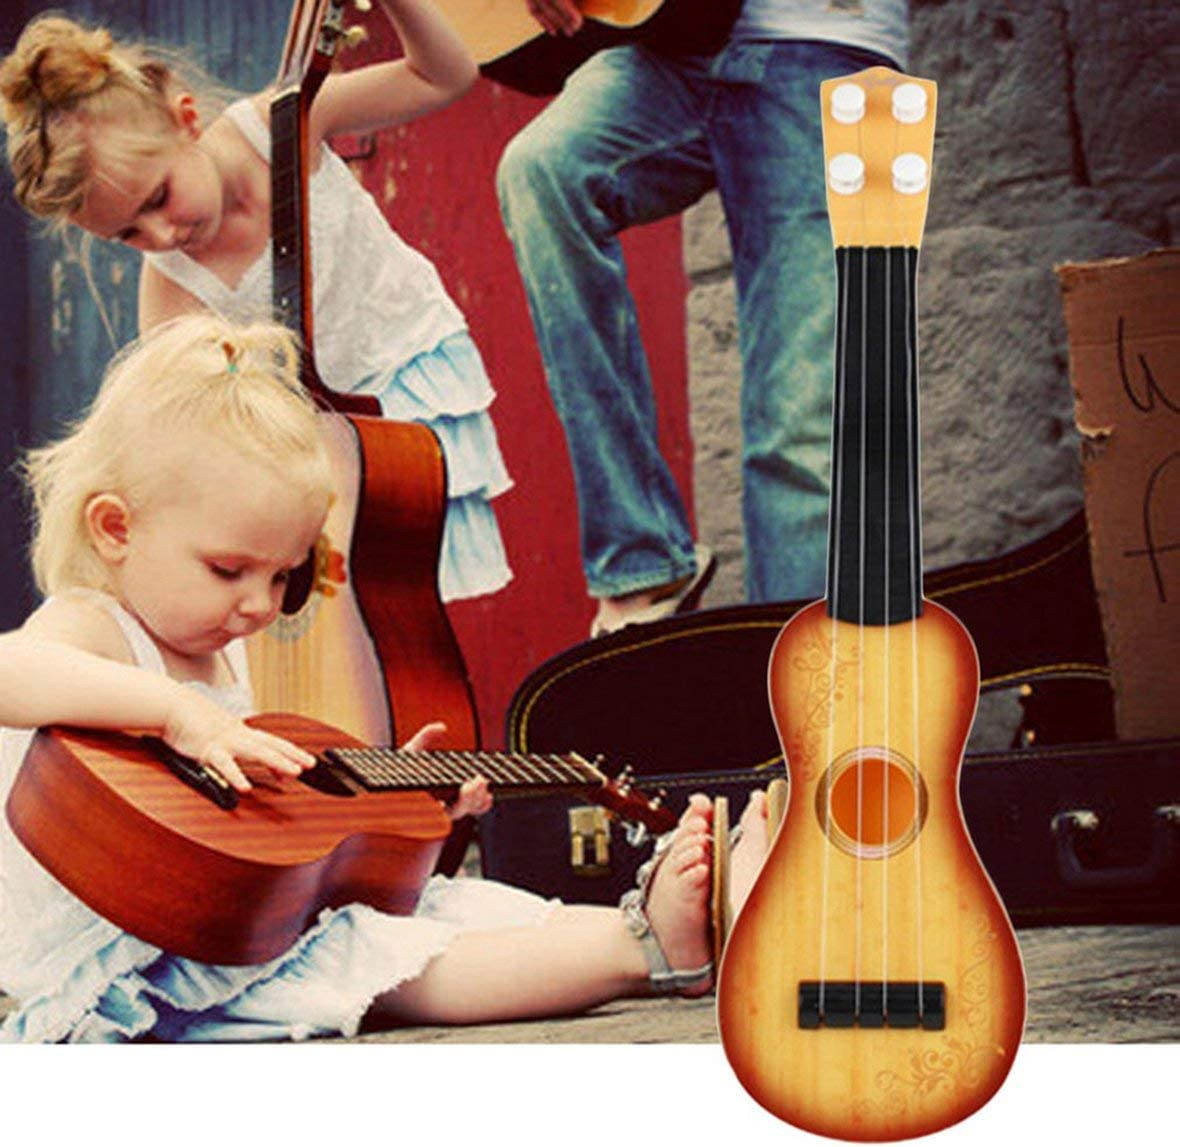 14.5 inch Ukulele Beginner Hawaii 4 String Nylon Strings Guitar Musical Ukelele for Children Kids Girls Christmas Gifts